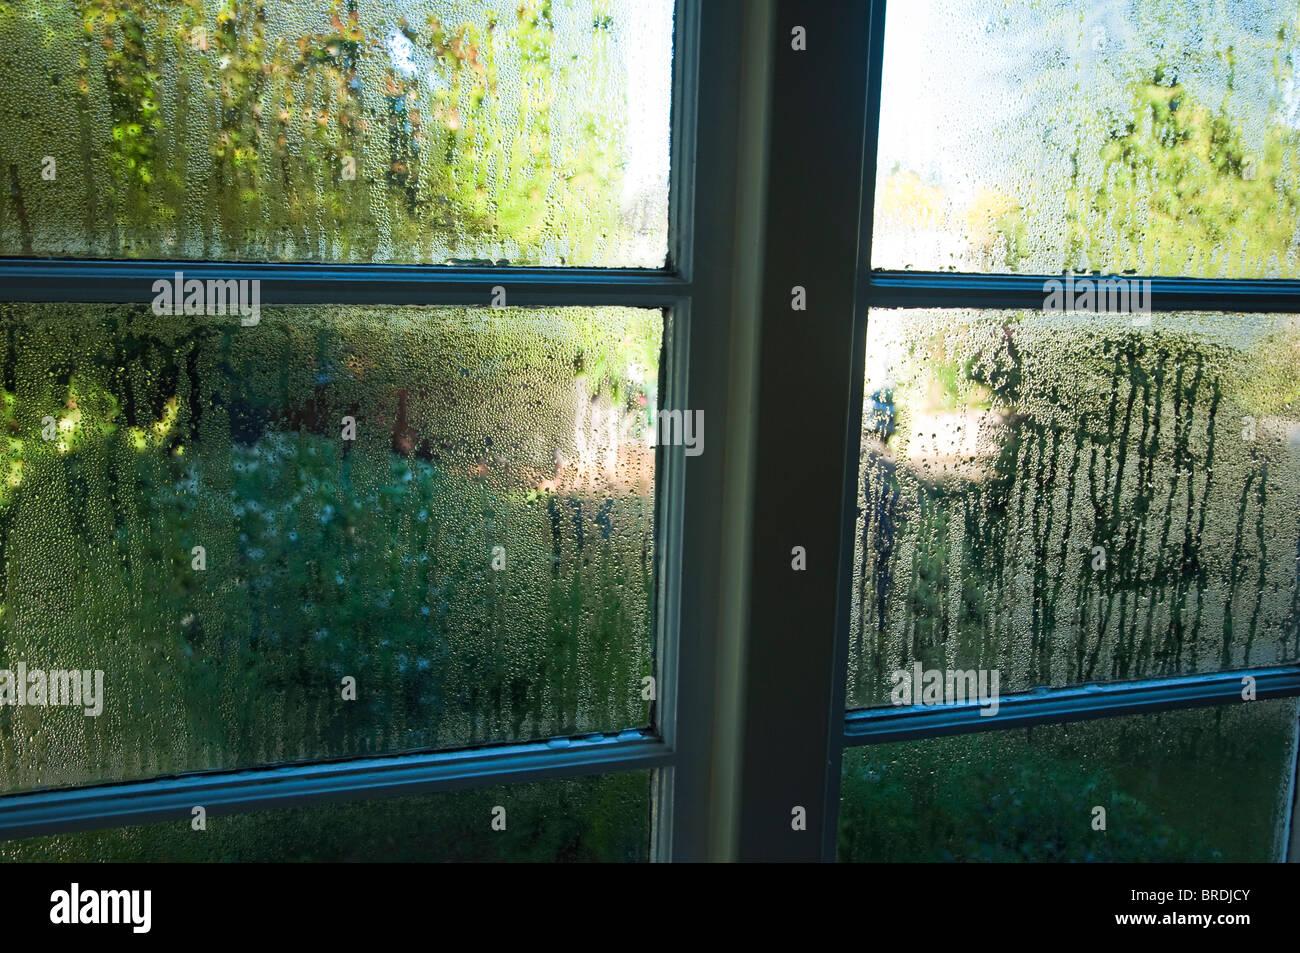 Kondenswasser läuft einem einfach verglasten Fenster.  (Tiefenschärfe) Stockbild